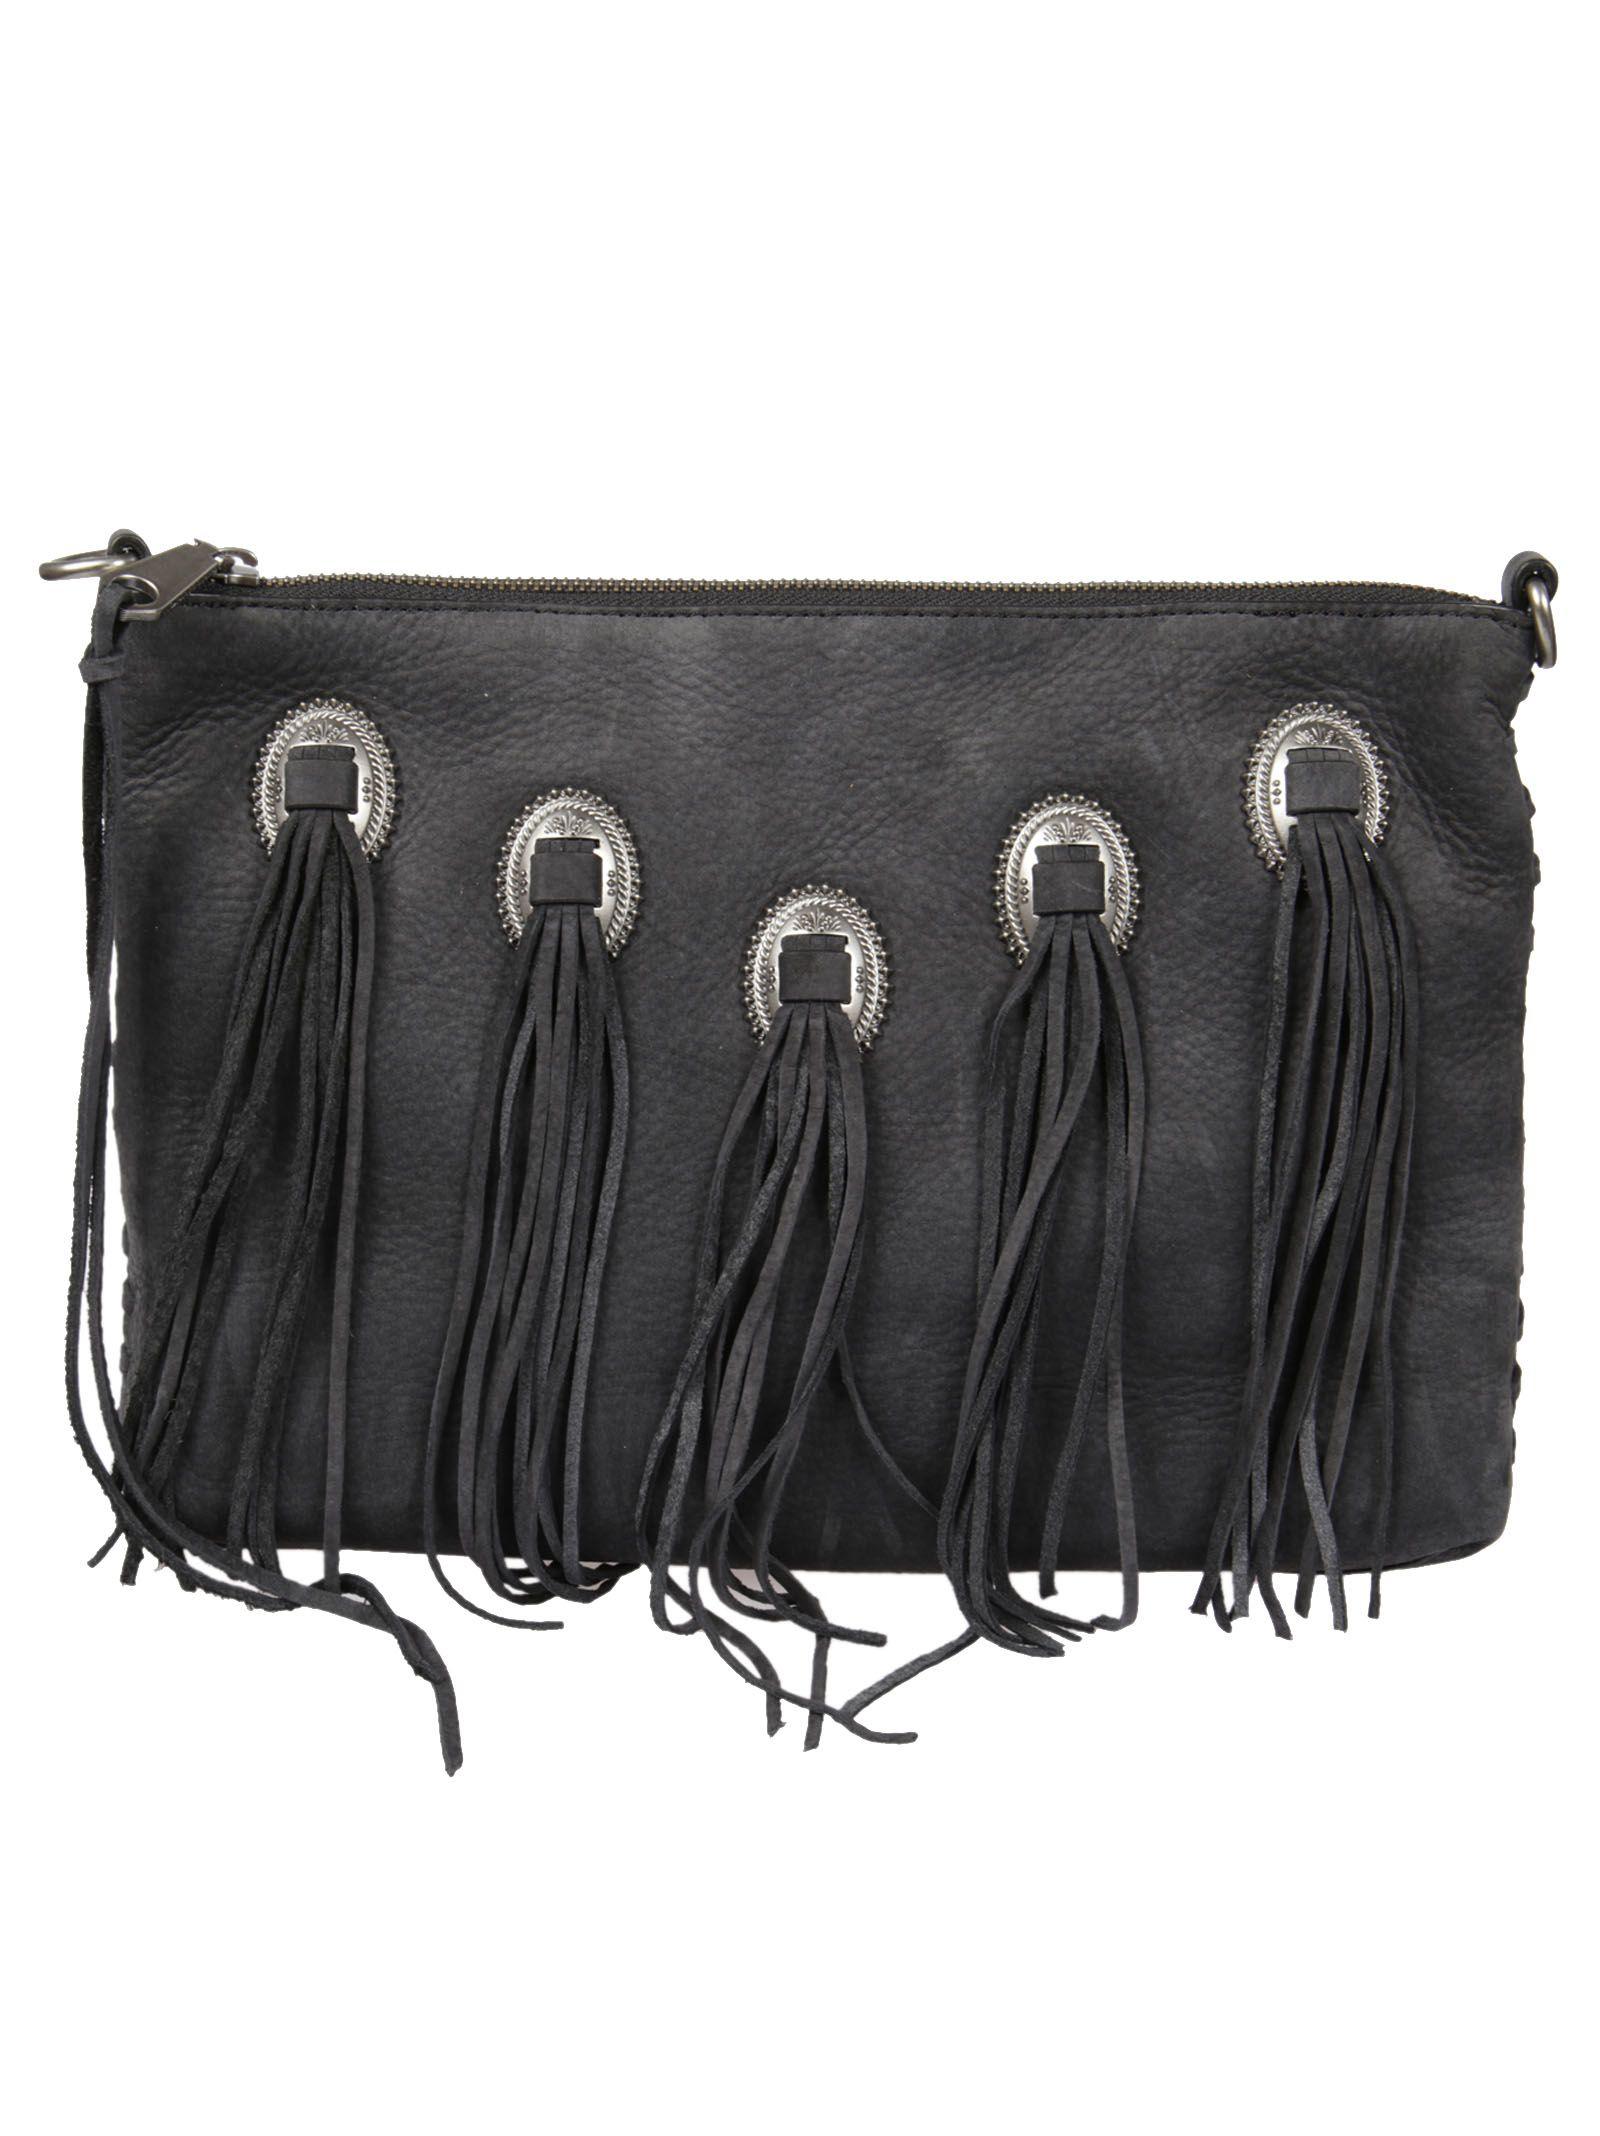 Rebecca Minkoff Western Shoulder Bag